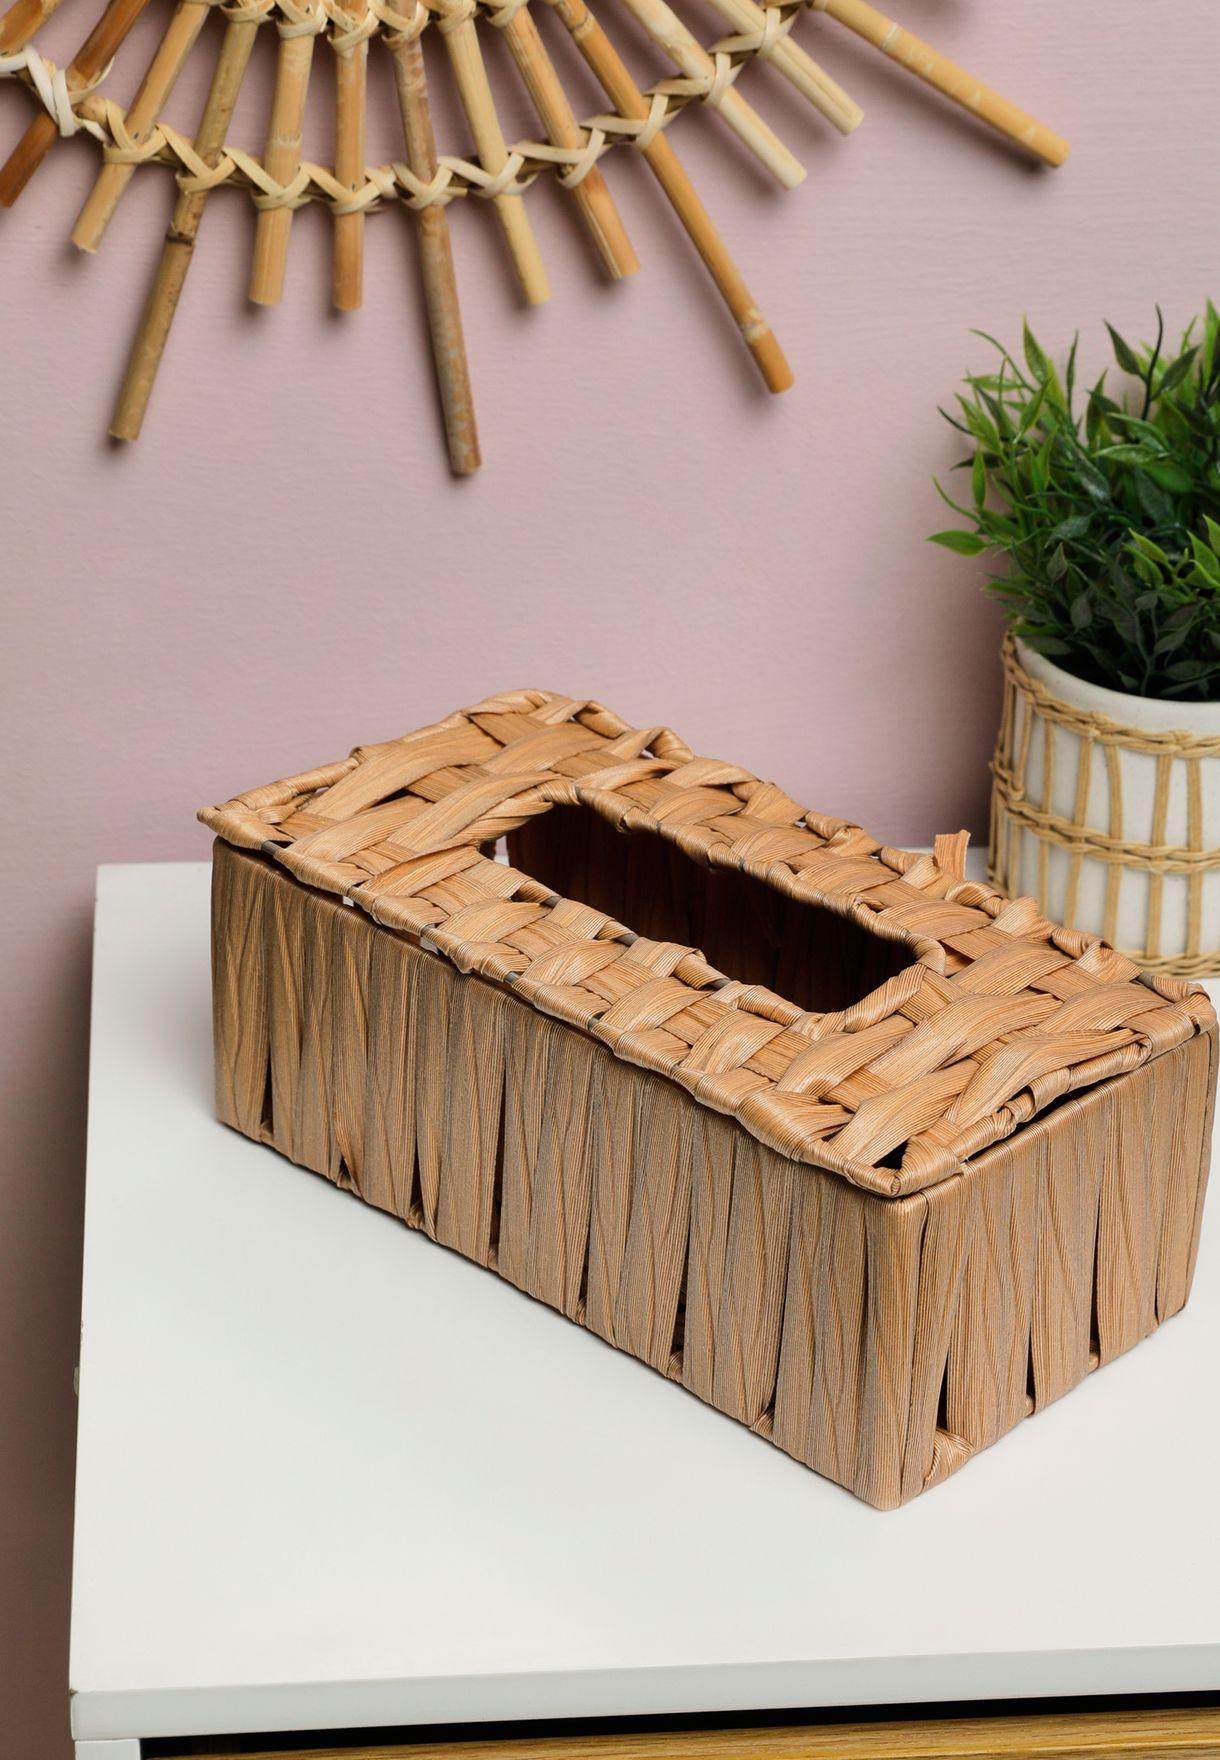 صندوق للمناديل الورقية بنمط محبوك